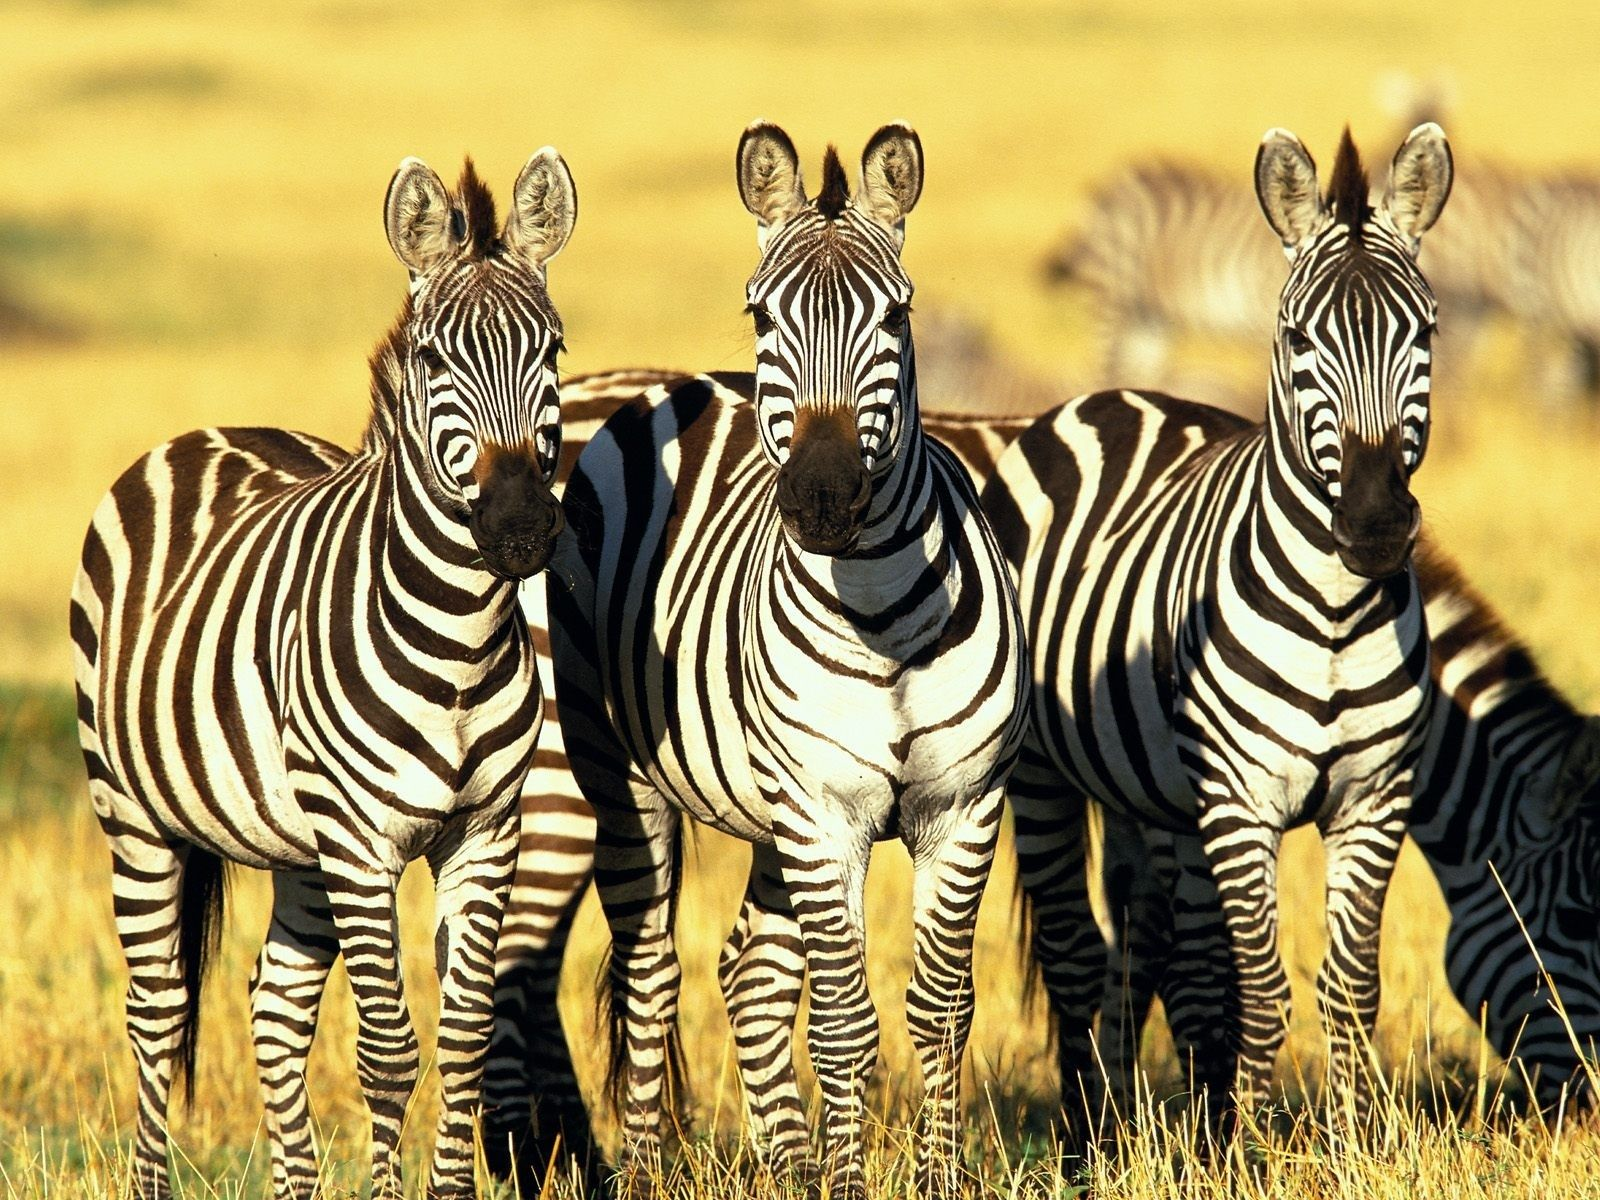 اجمل صور الحيوانات 2021 3